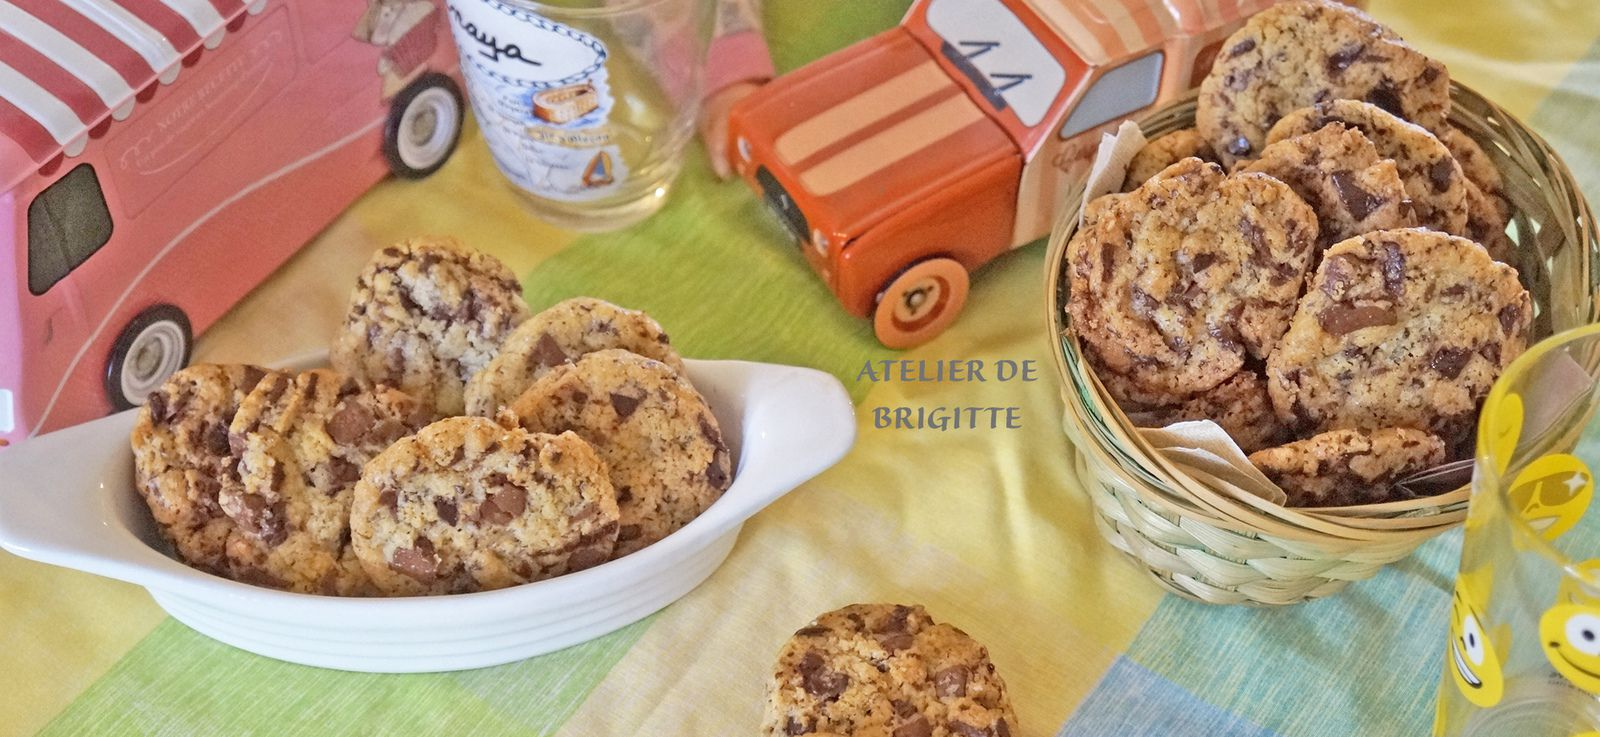 Cookies aux 2 chocolats, recette de Cyril Lignac -ATELIER DE BRIGITTE-